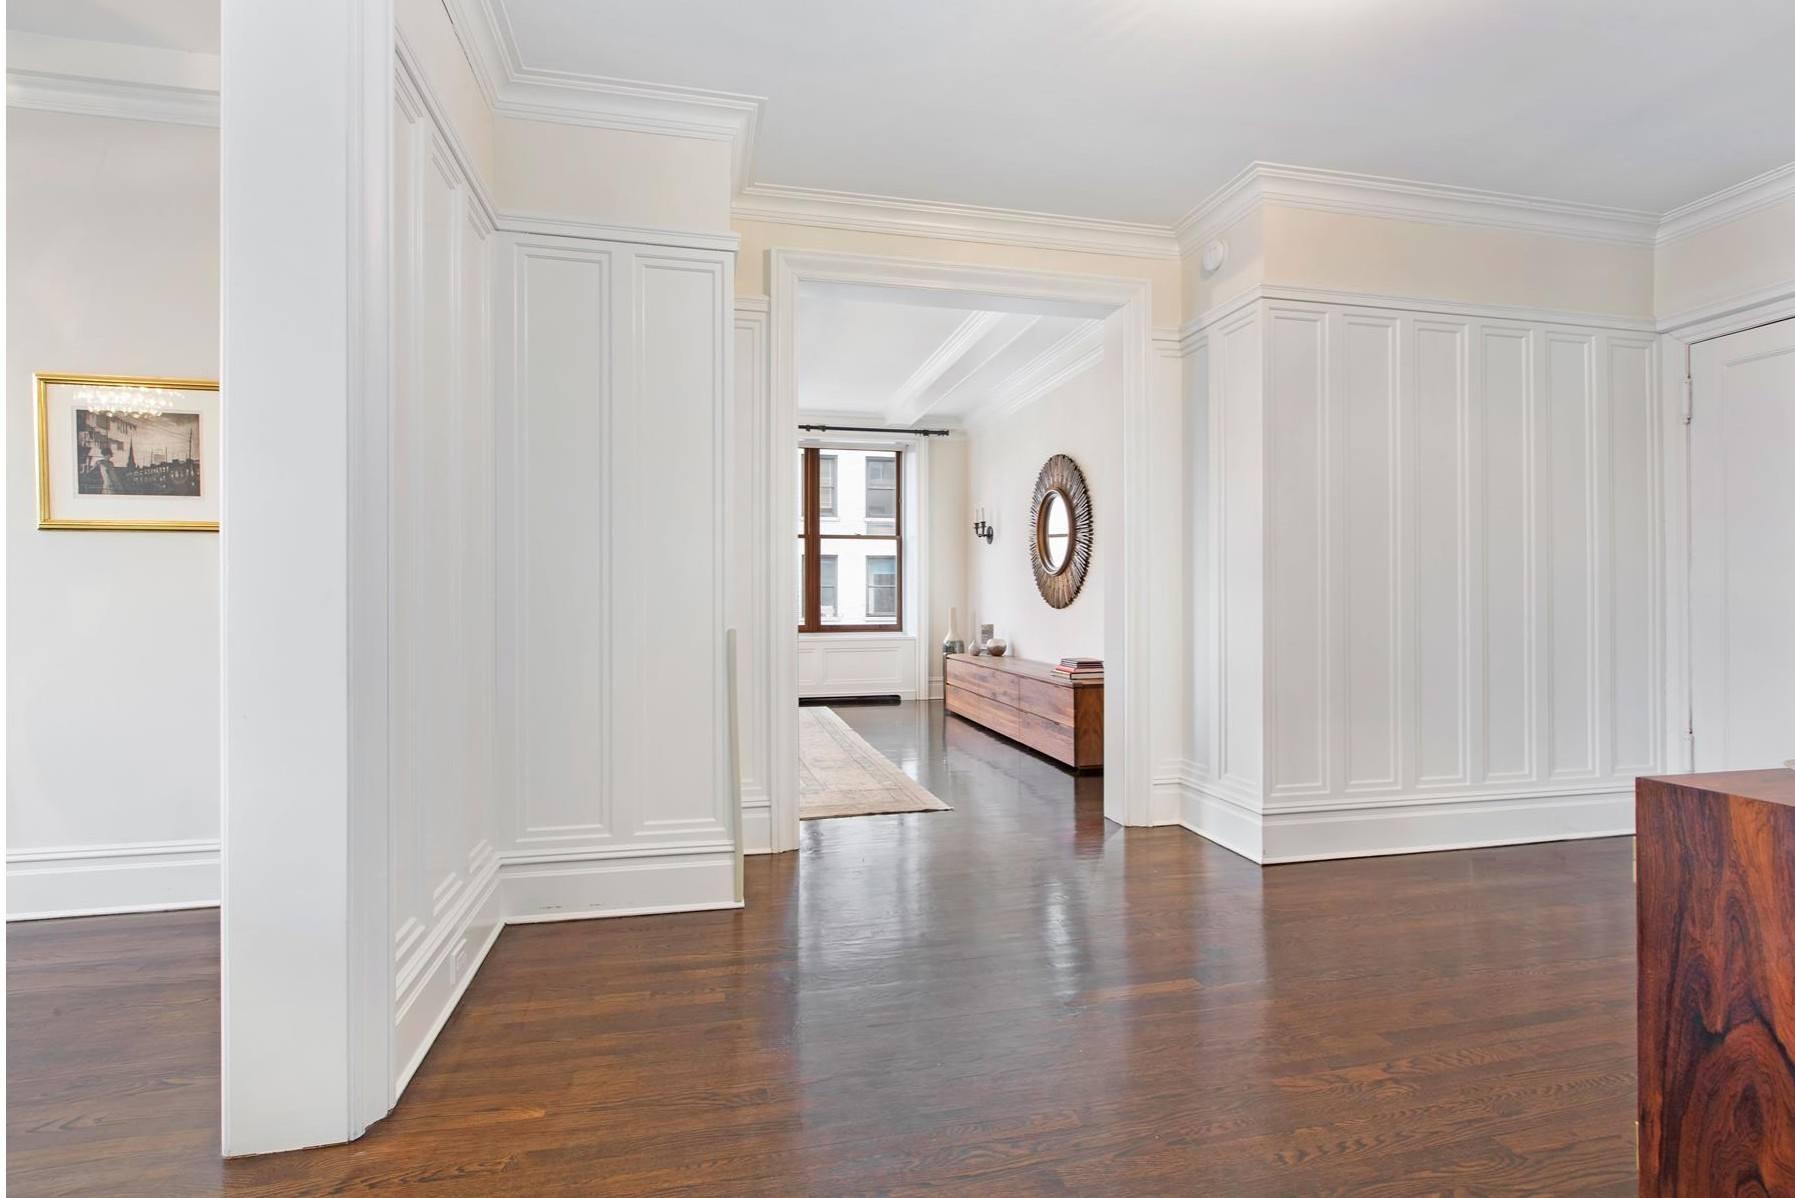 La casa dispone di oltre 500 m2